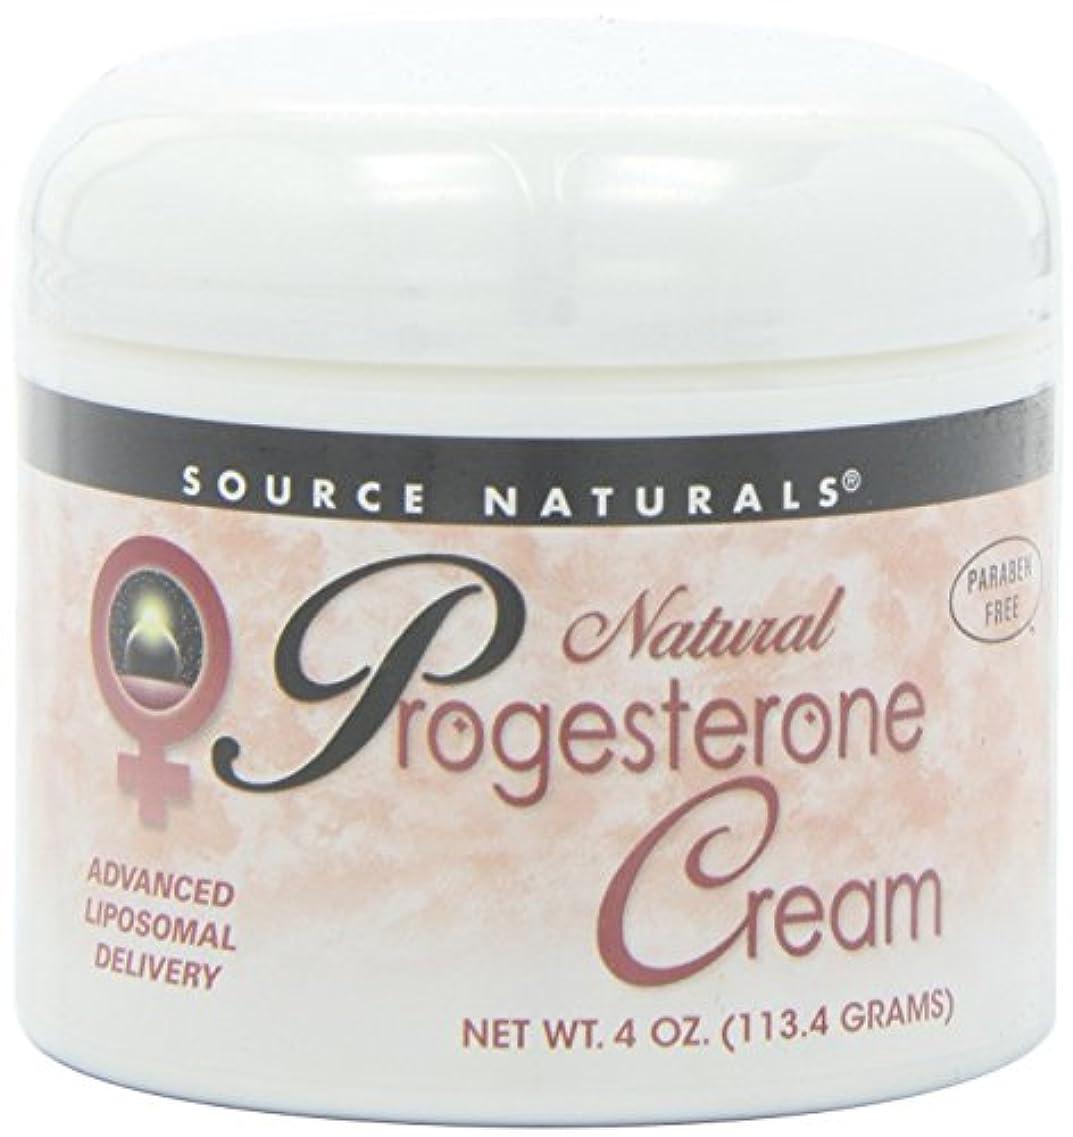 子音マイクロプロセッサ事前にSource Naturals Natural Progesterone Cream, 4 Ounce (113.4 g) クリーム 並行輸入品 [並行輸入品]